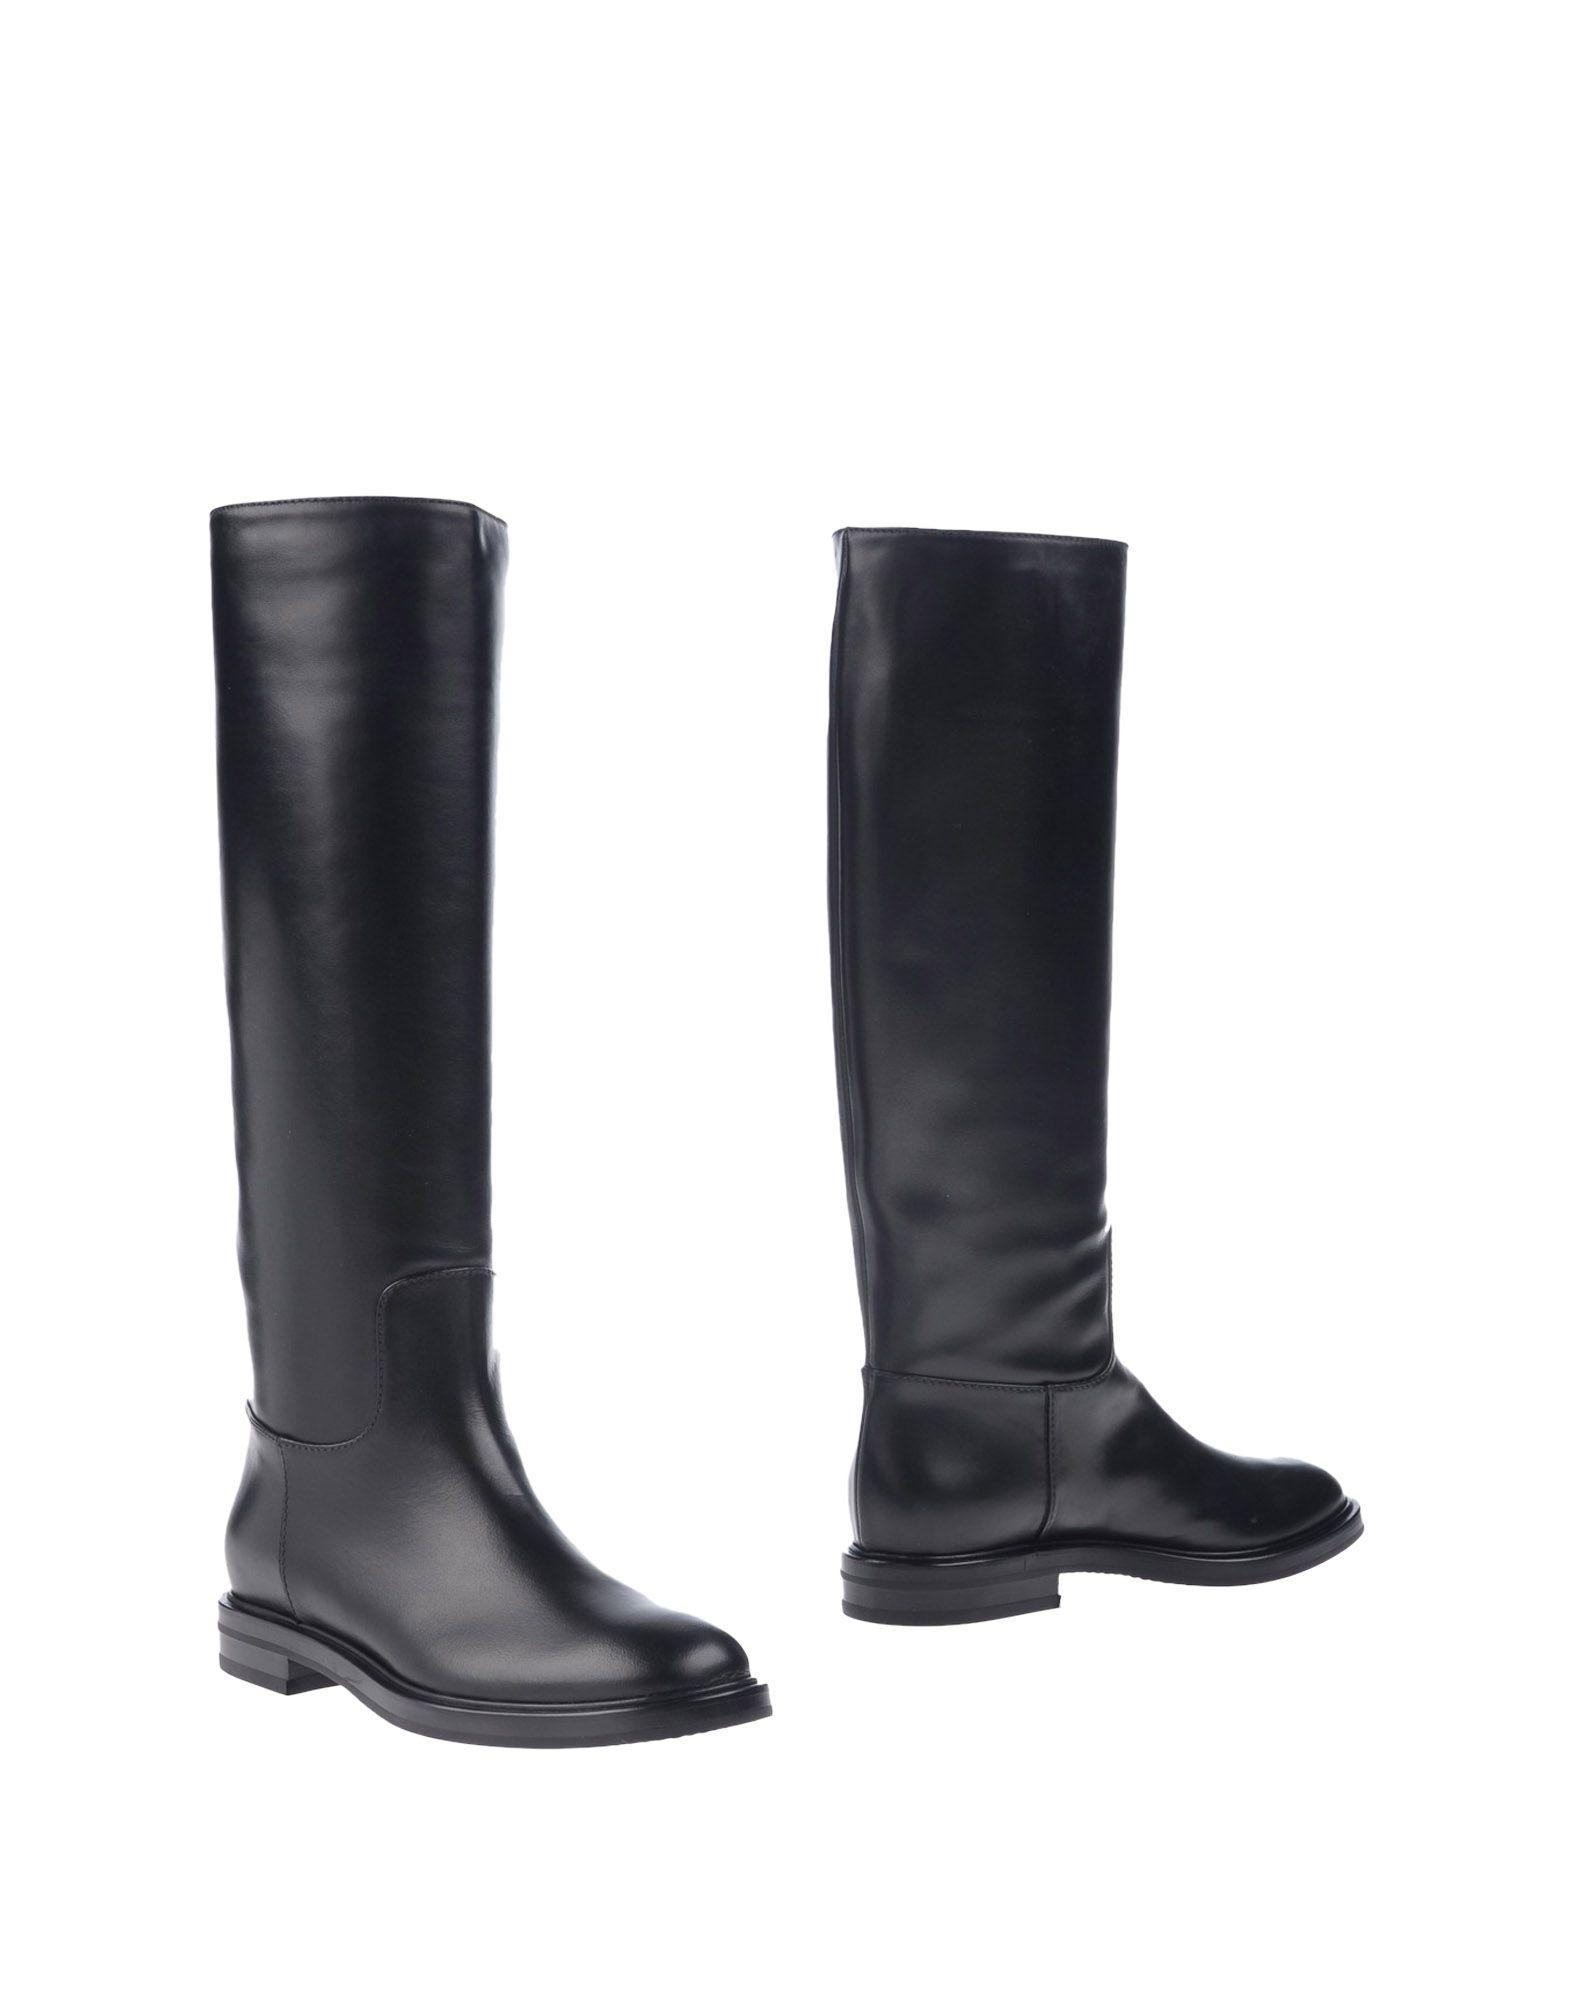 Stivali Casadei Donna - 11309269WC Scarpe economiche e buone